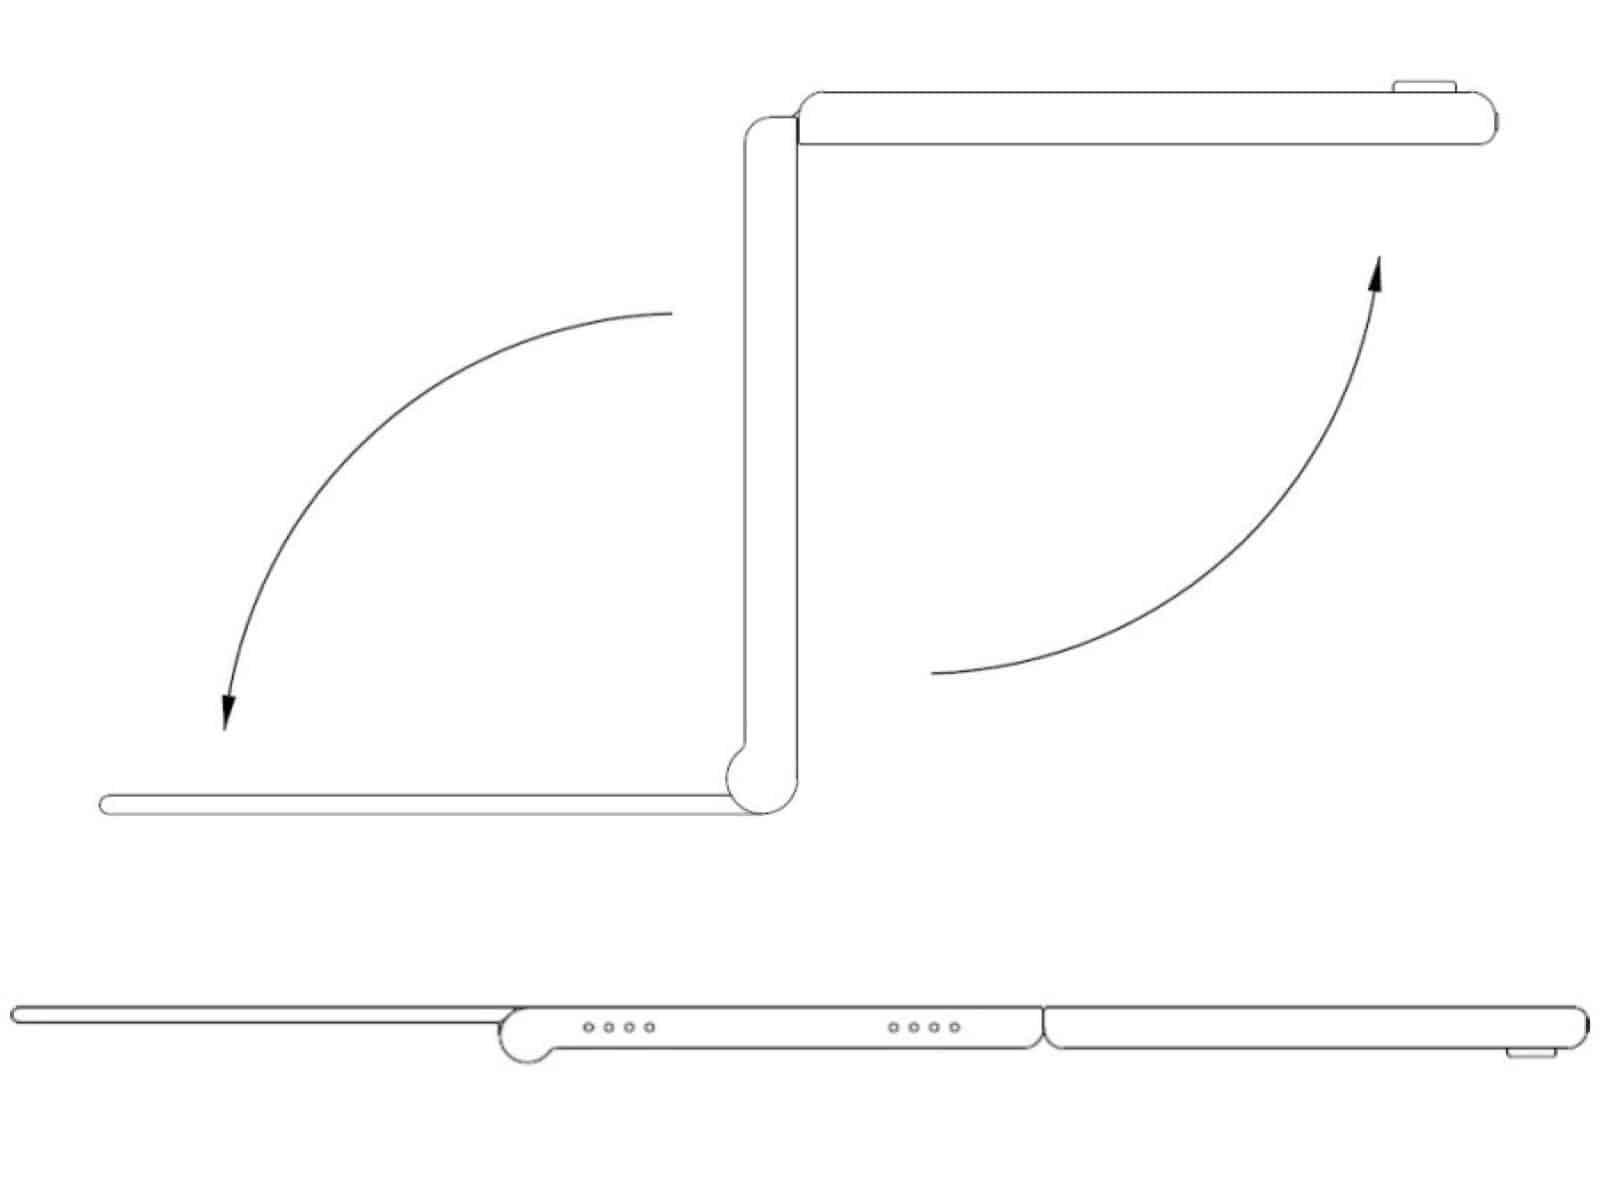 02 LG Design patent 201930089299.6